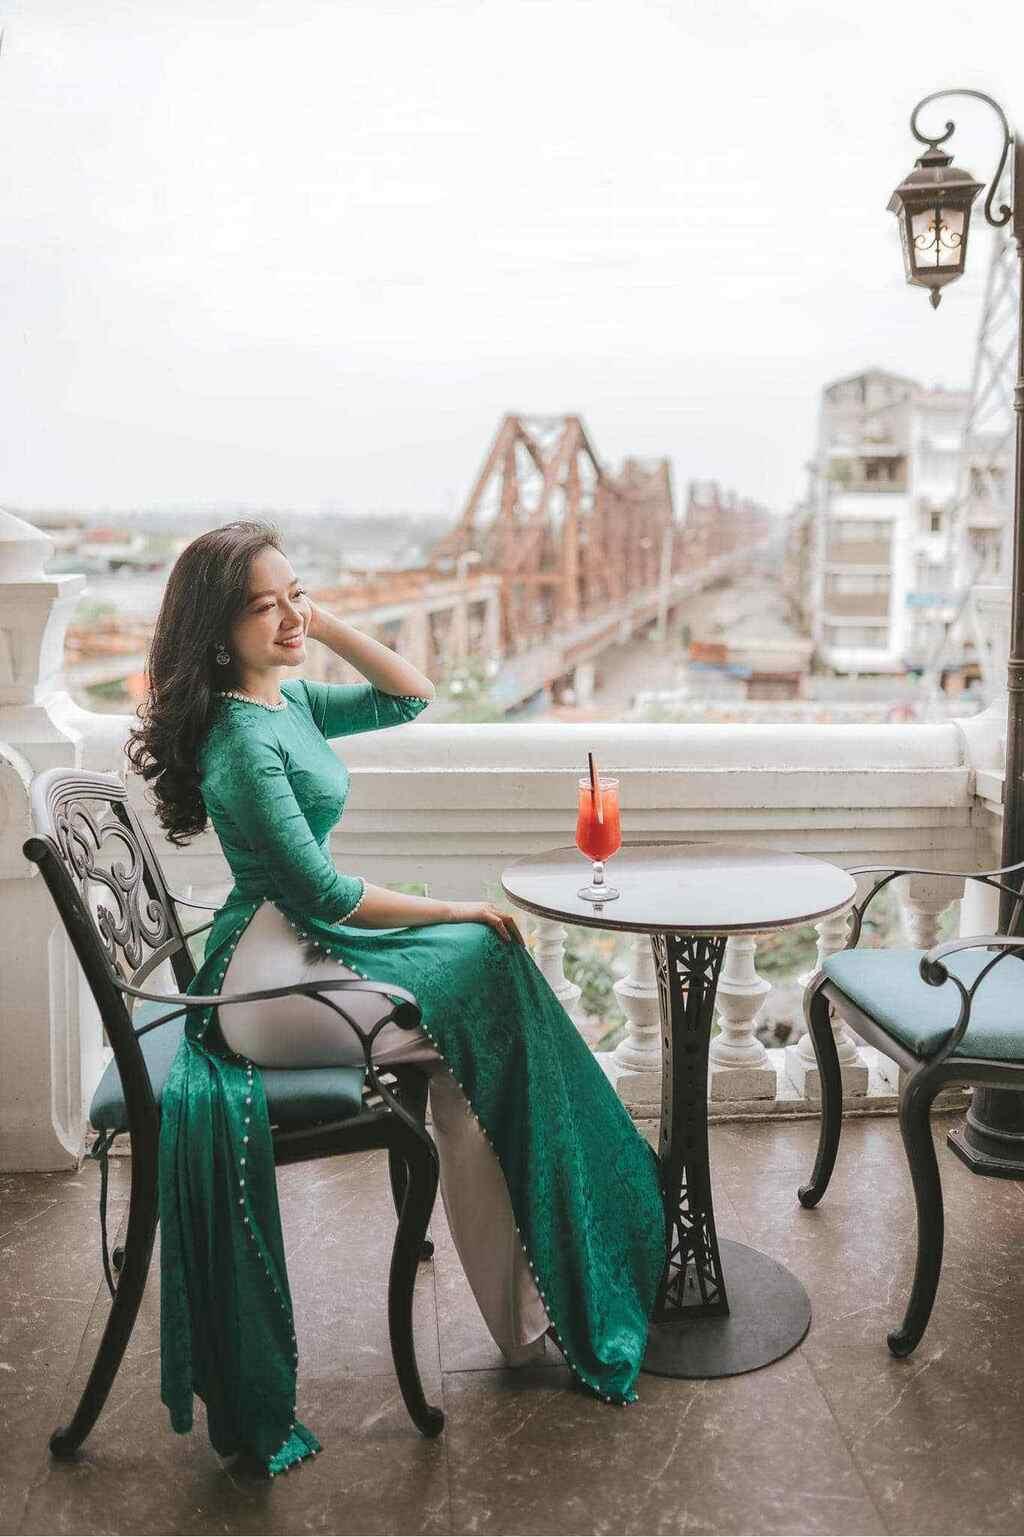 U50 quanh năm mực thước với áo dài vì tôn thờ vẻ đẹp cốt cách người Hà Nội - ảnh 12